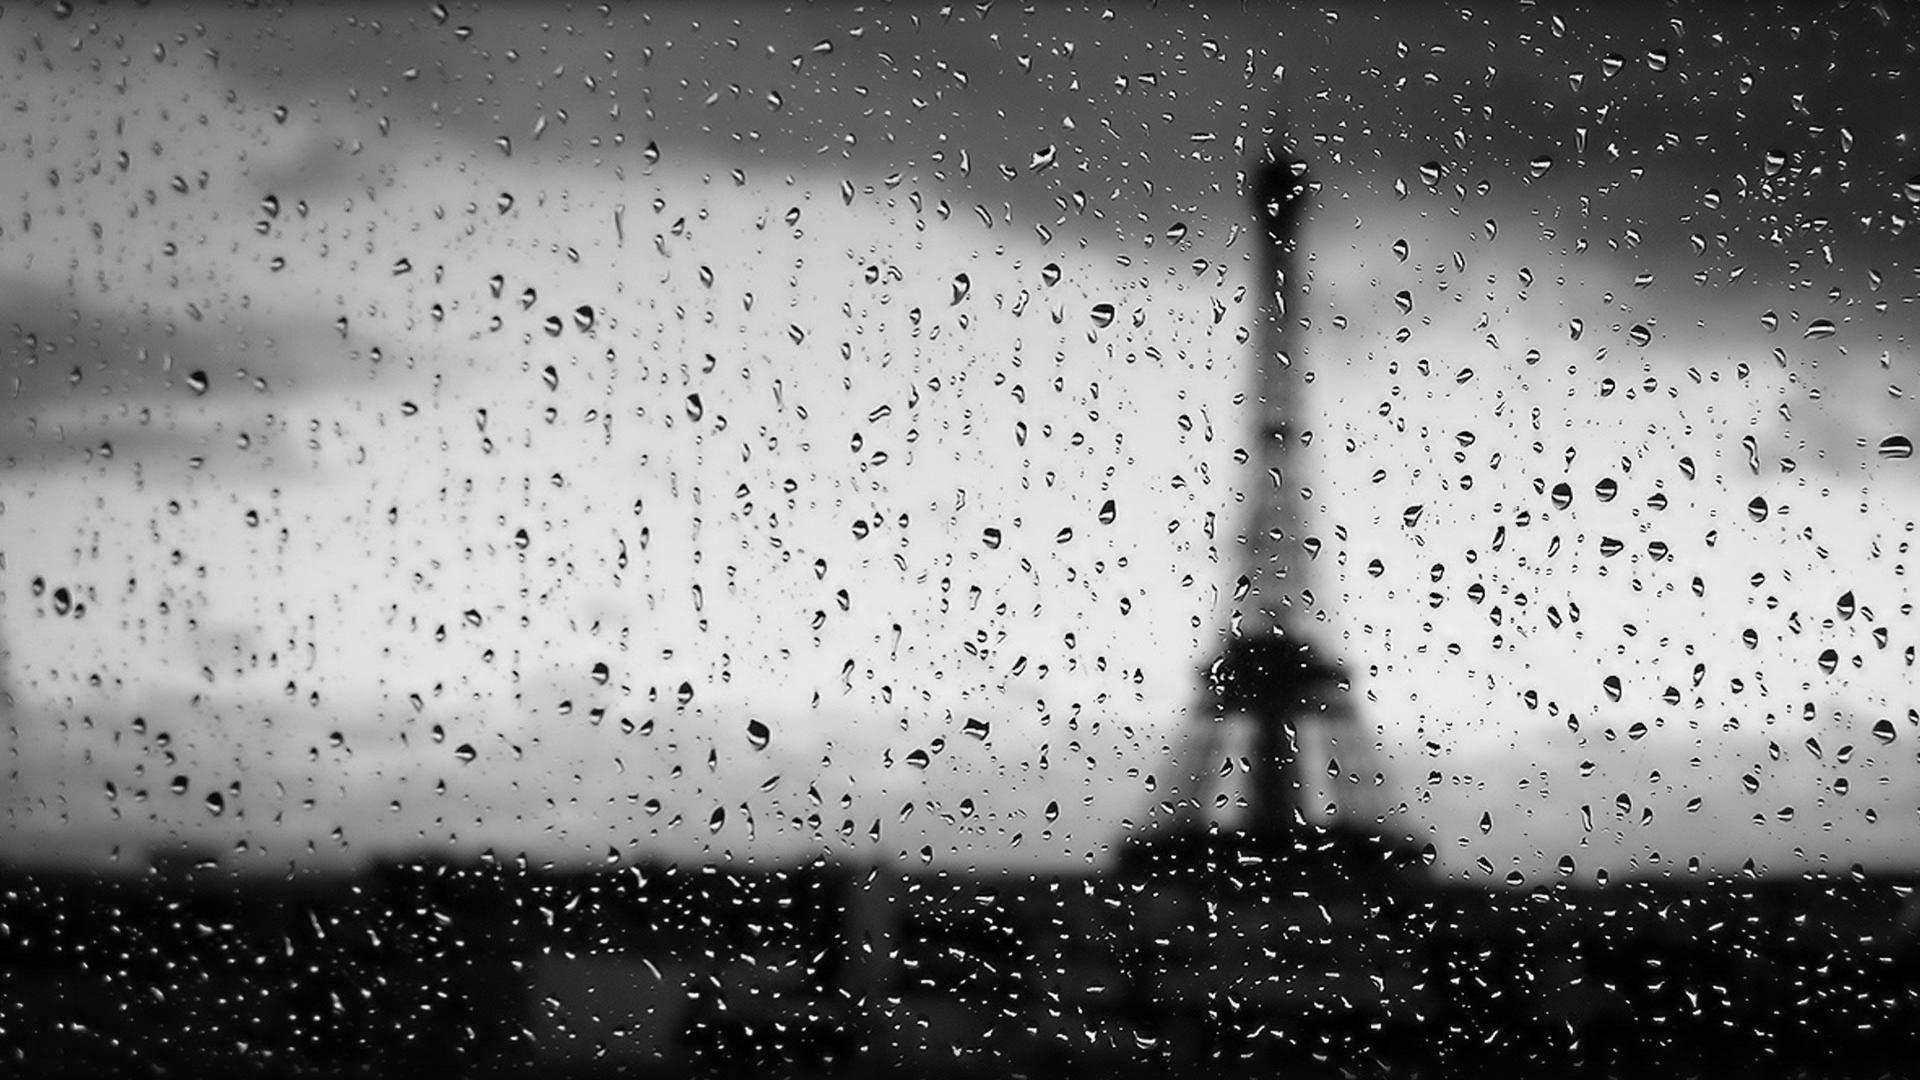 Black And White Paris Wallpaper Hd Places To Visit Rain Paris